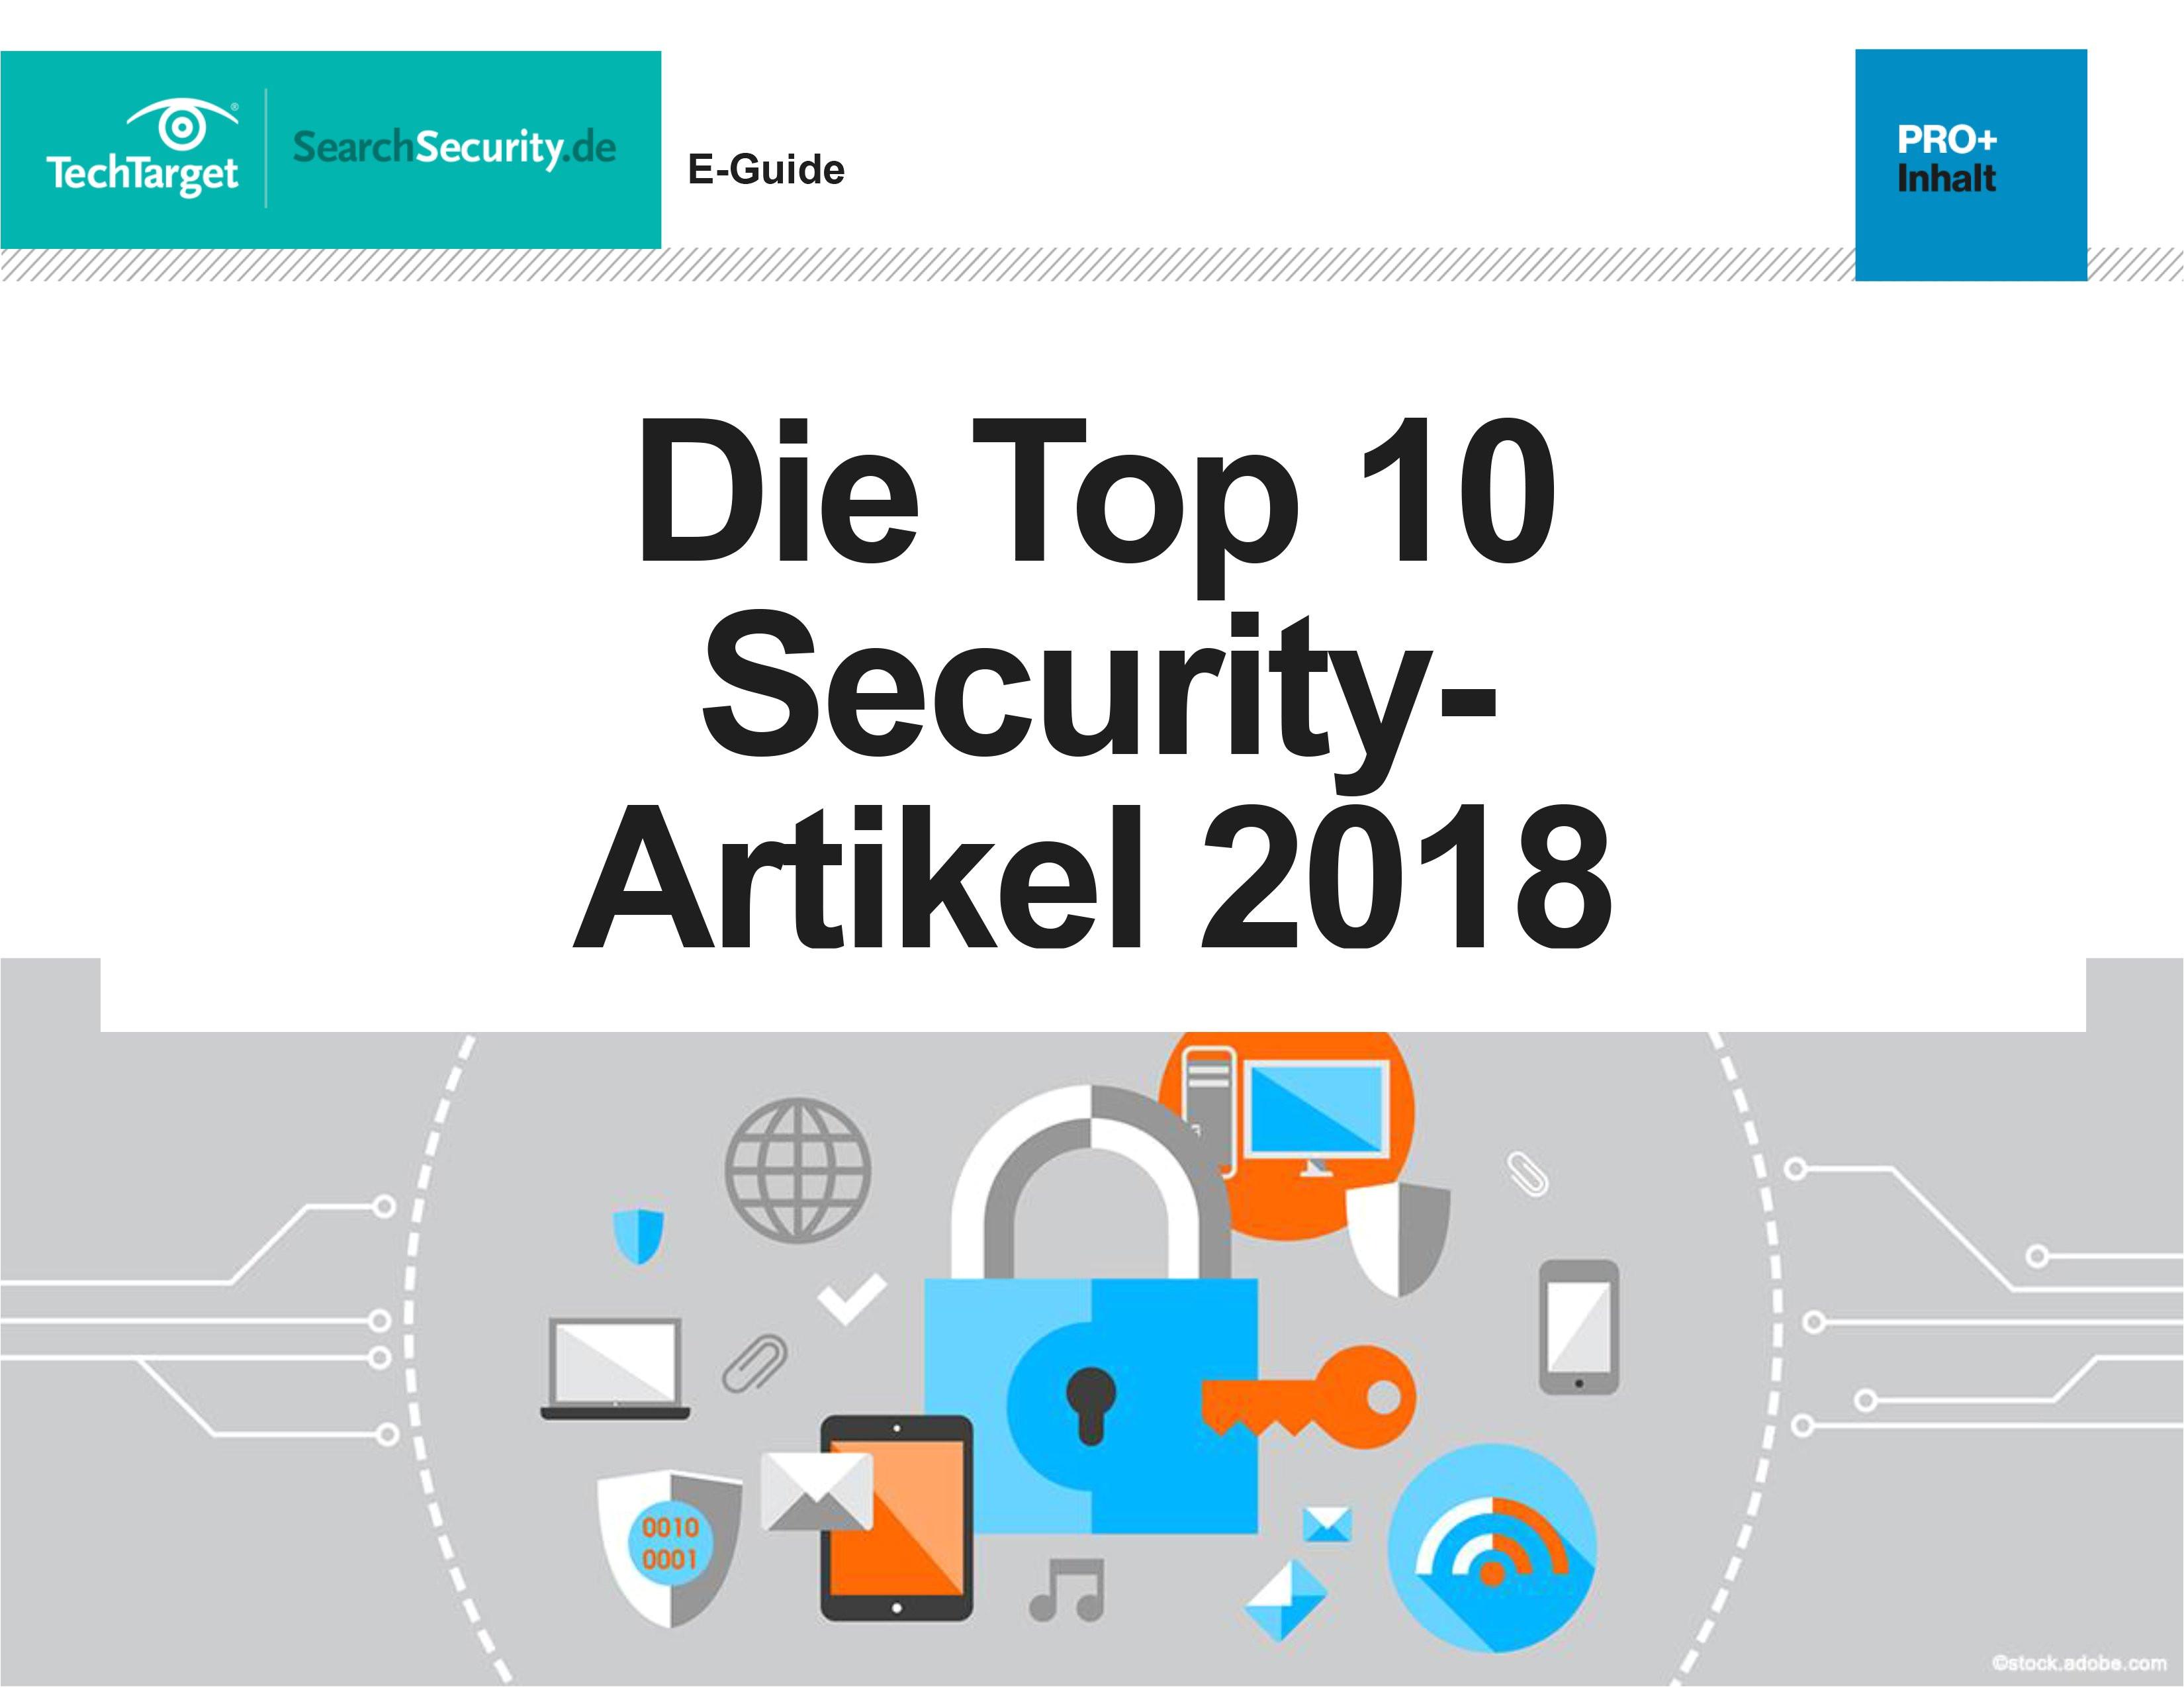 die top 10 security artikel 2018